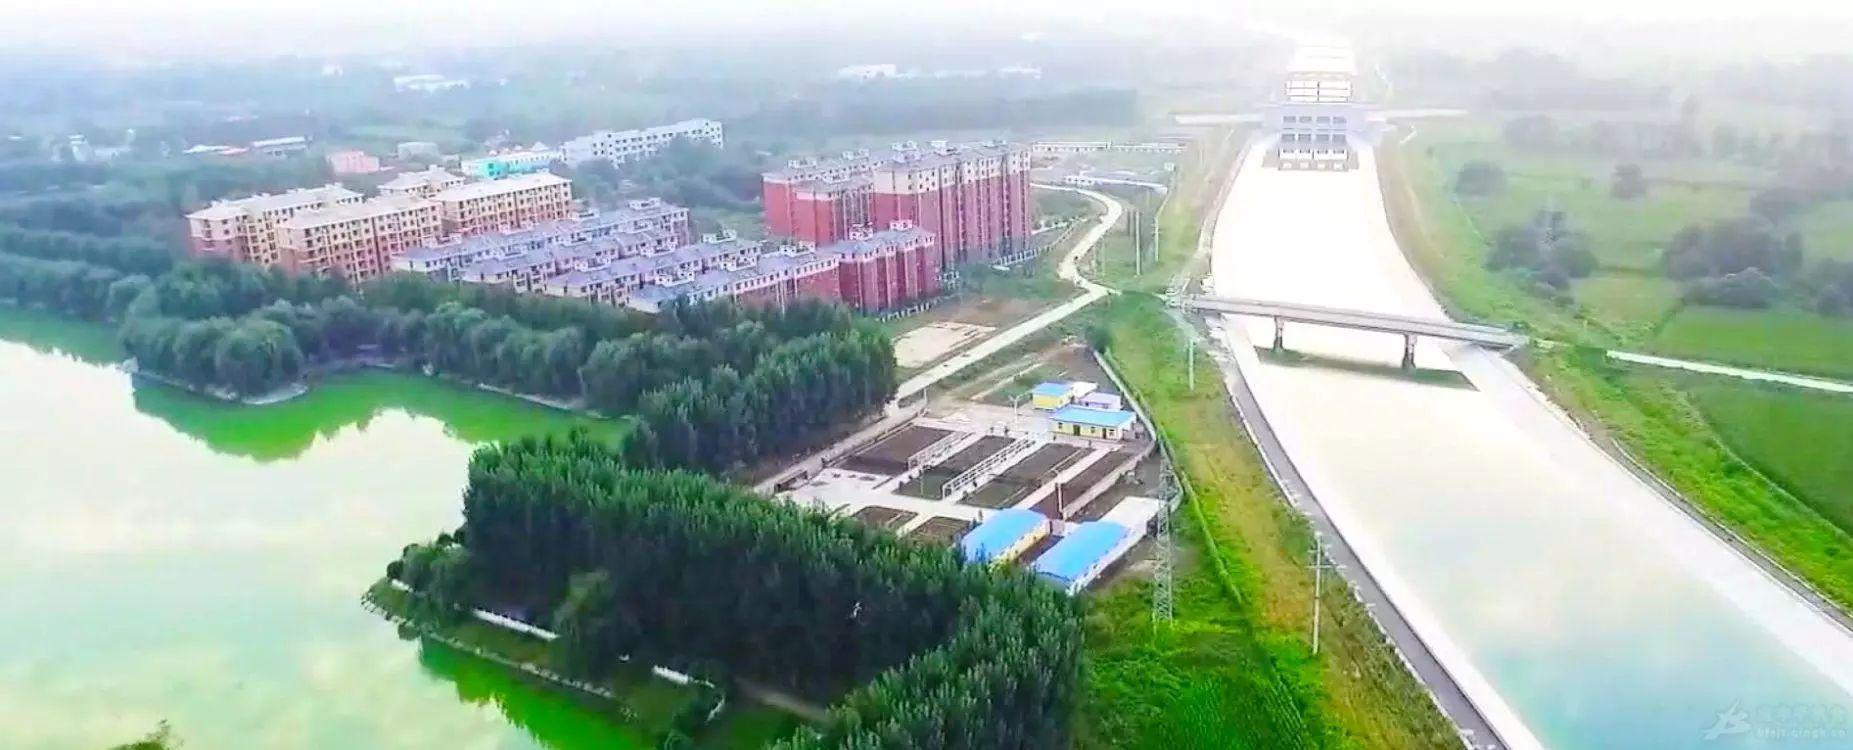 千年古县焕发新光彩――宝丰县大力实施百城建设提质工程